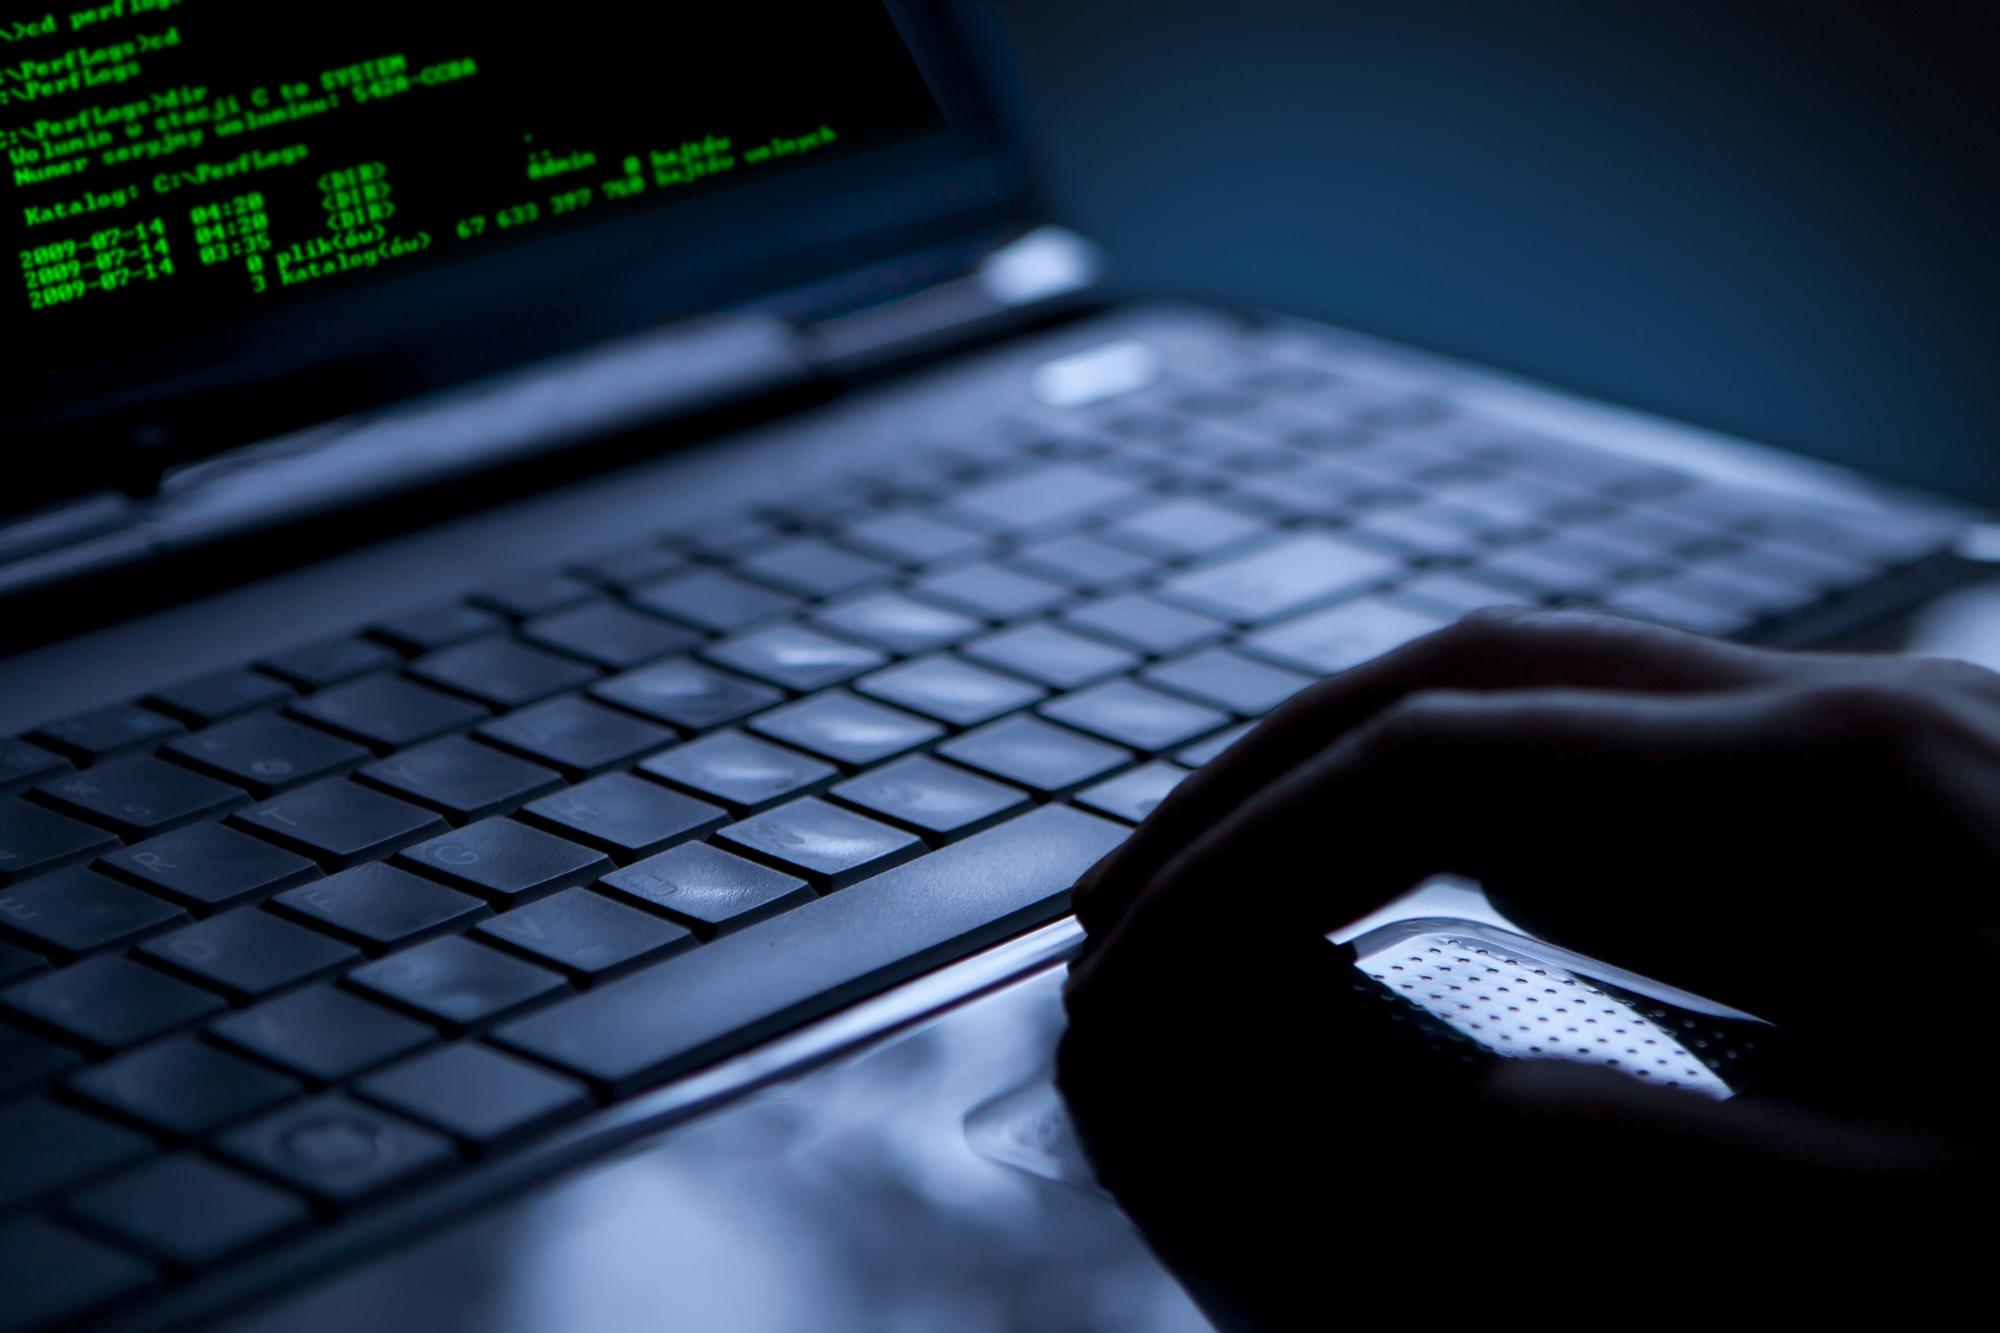 ФБР неизучало взломанные серверы Демократической партии США